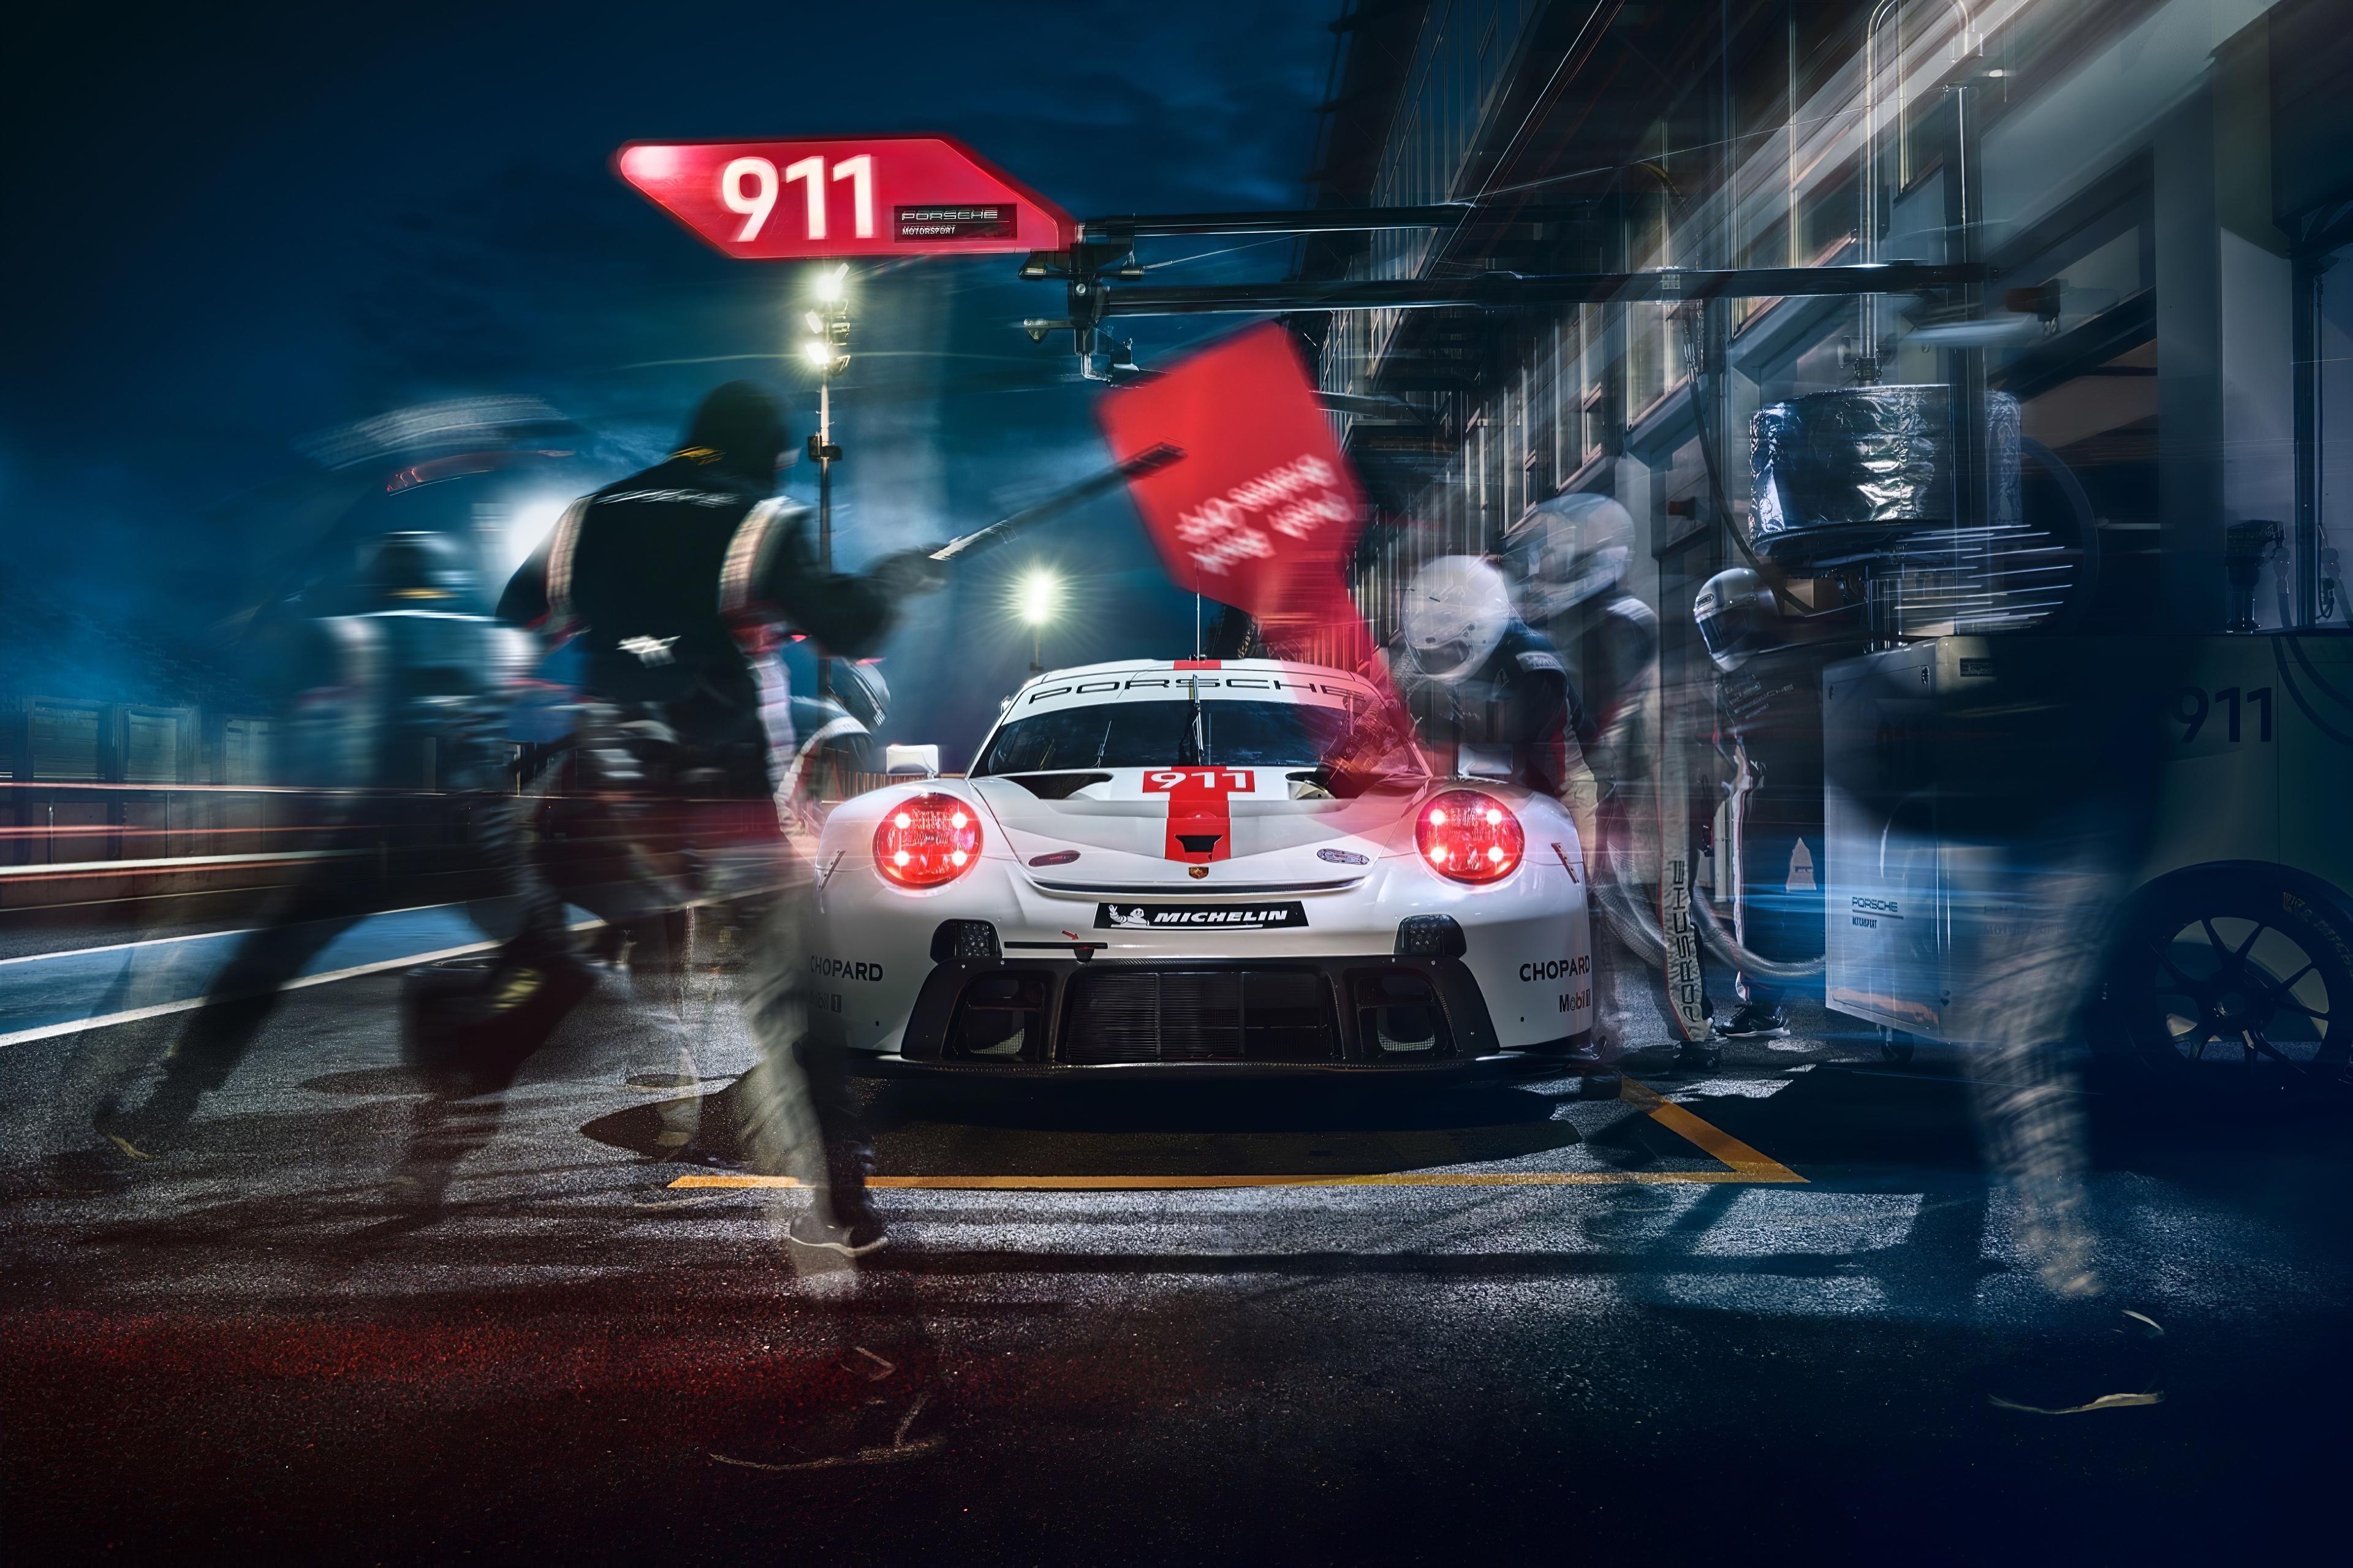 2020 porsche 911 rsr 1579649249 - 2020 Porsche 911 RSR -